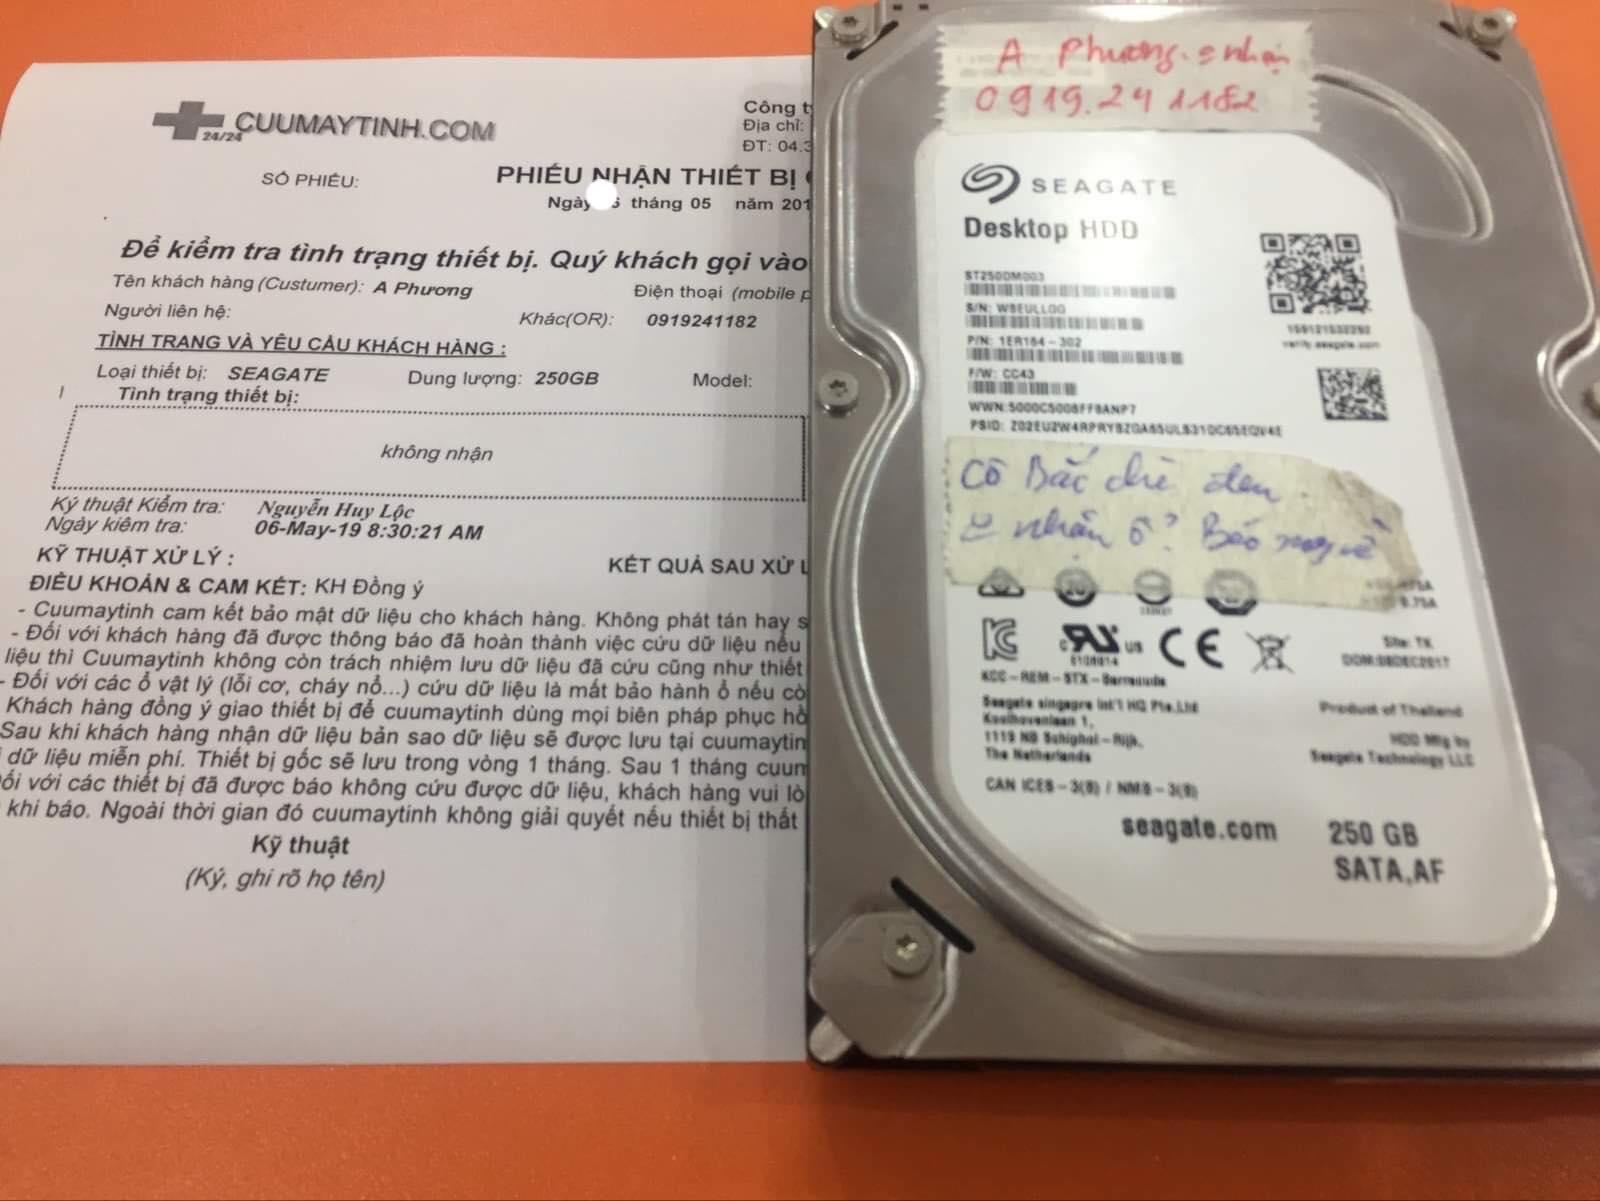 Phục hồi dữ liệu ổ cứng Seagate 250GB không nhận 11/05/2019 - cuumaytinh